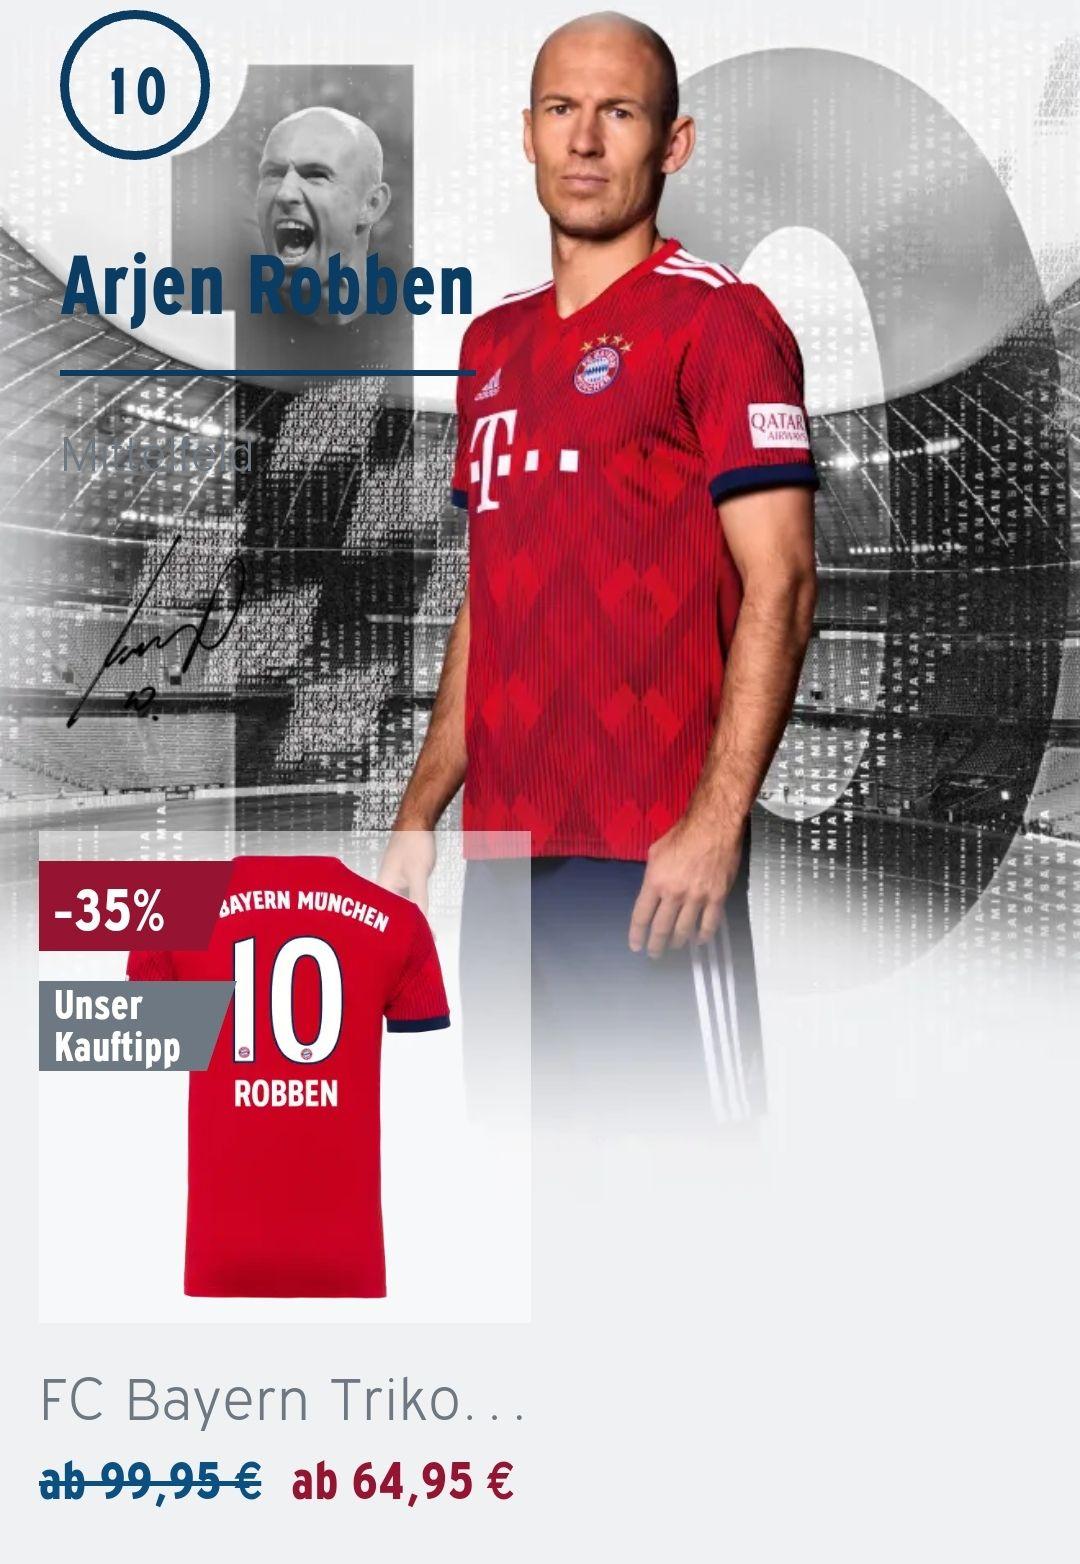 FC Bayern München Trikot von Arjen Robben 31-45%